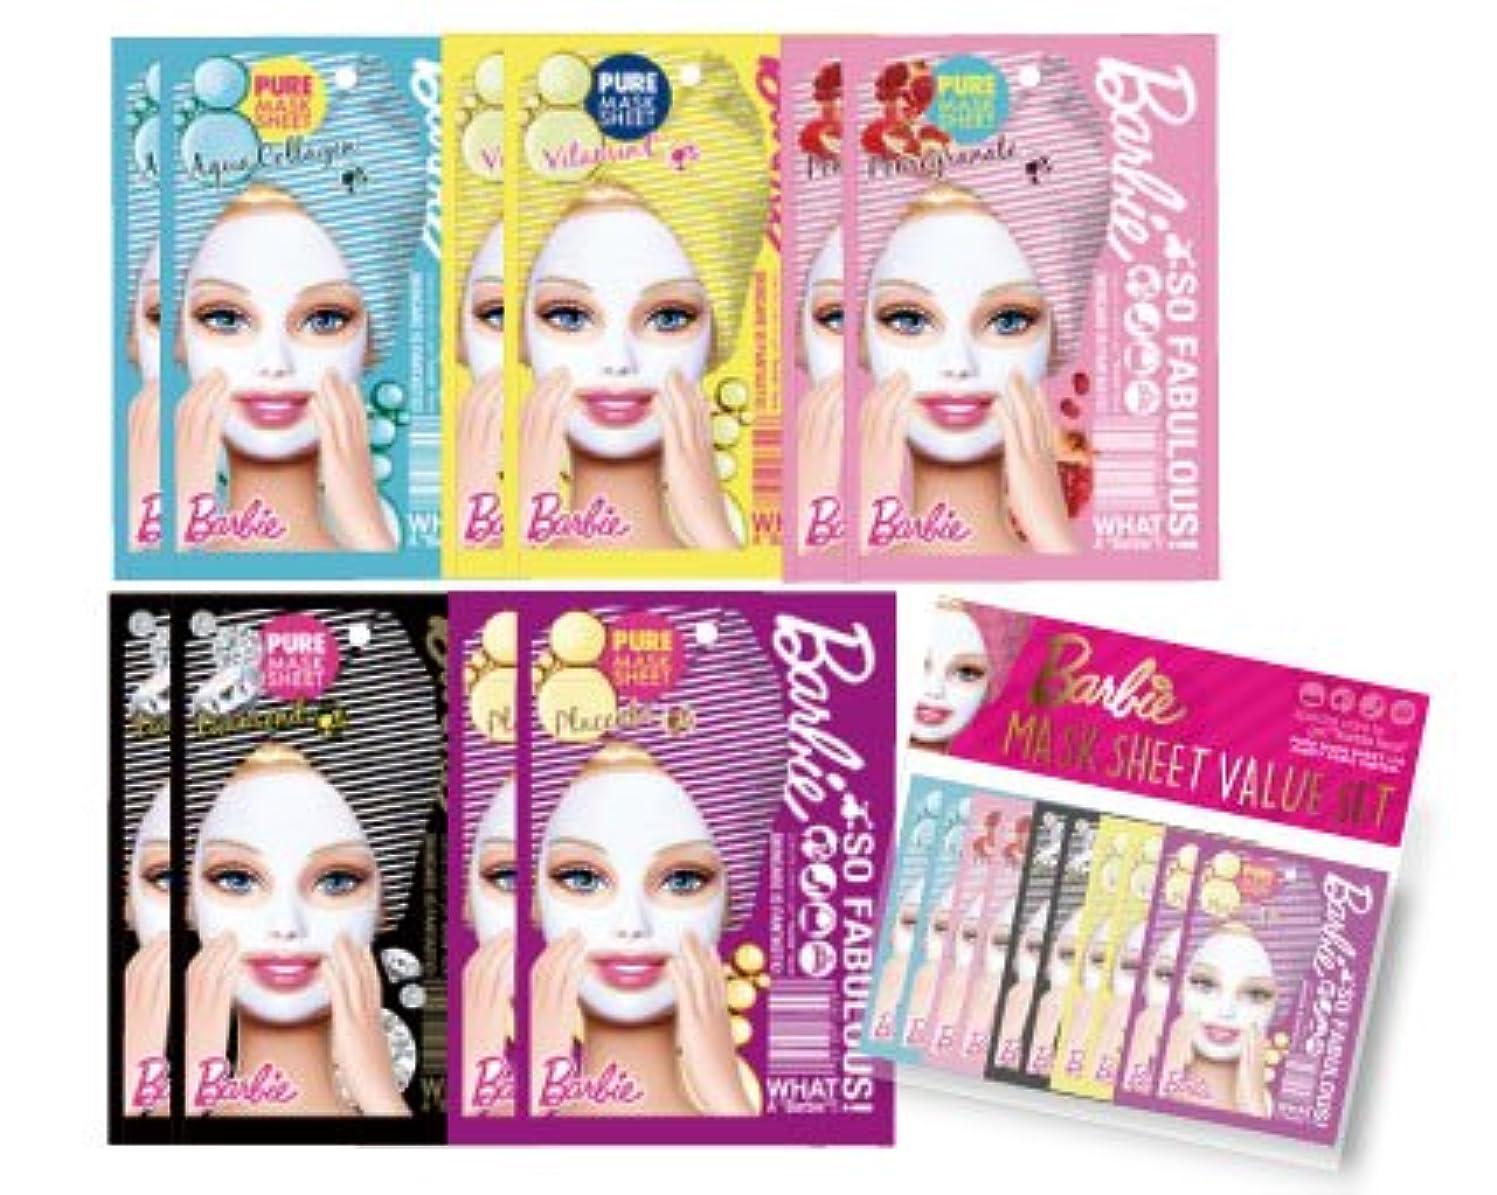 治安判事ほめる差別するヒューマンリンク バービー (Barbie) フェイスマスク バリューセット 25ml×10枚入り (コラーゲン/ビタミンC/ポメグラネート/ダイアモンド/プラセンタ) 顔 シートマスク [保湿/うるおい/キメ/透明感/...